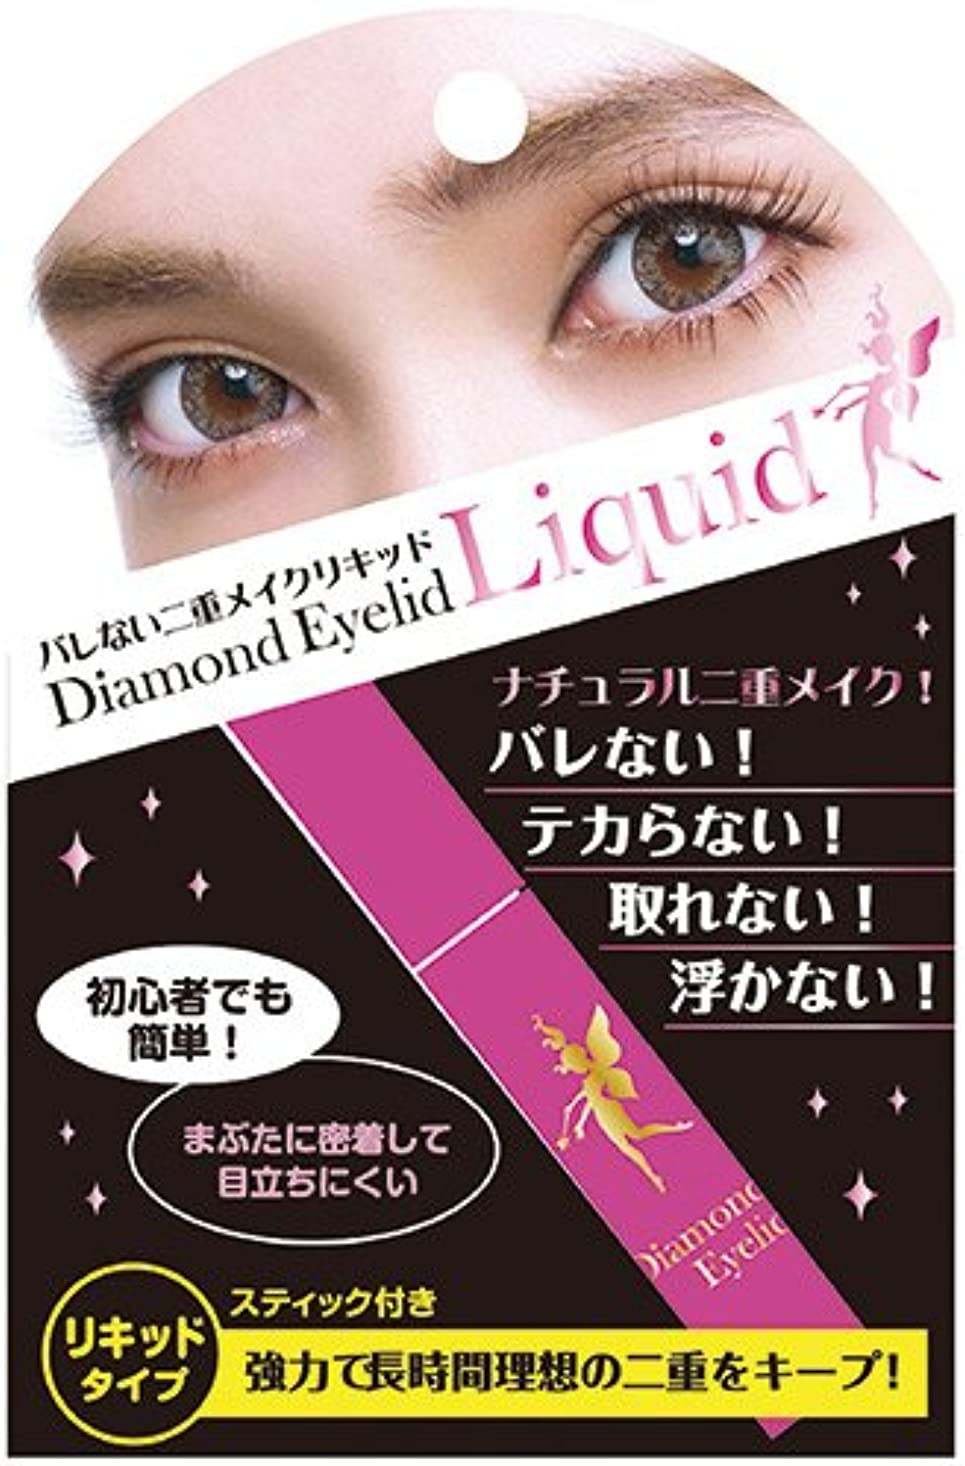 修理可能深いブラインドダイヤモンドアイリッド リキッド 3ml